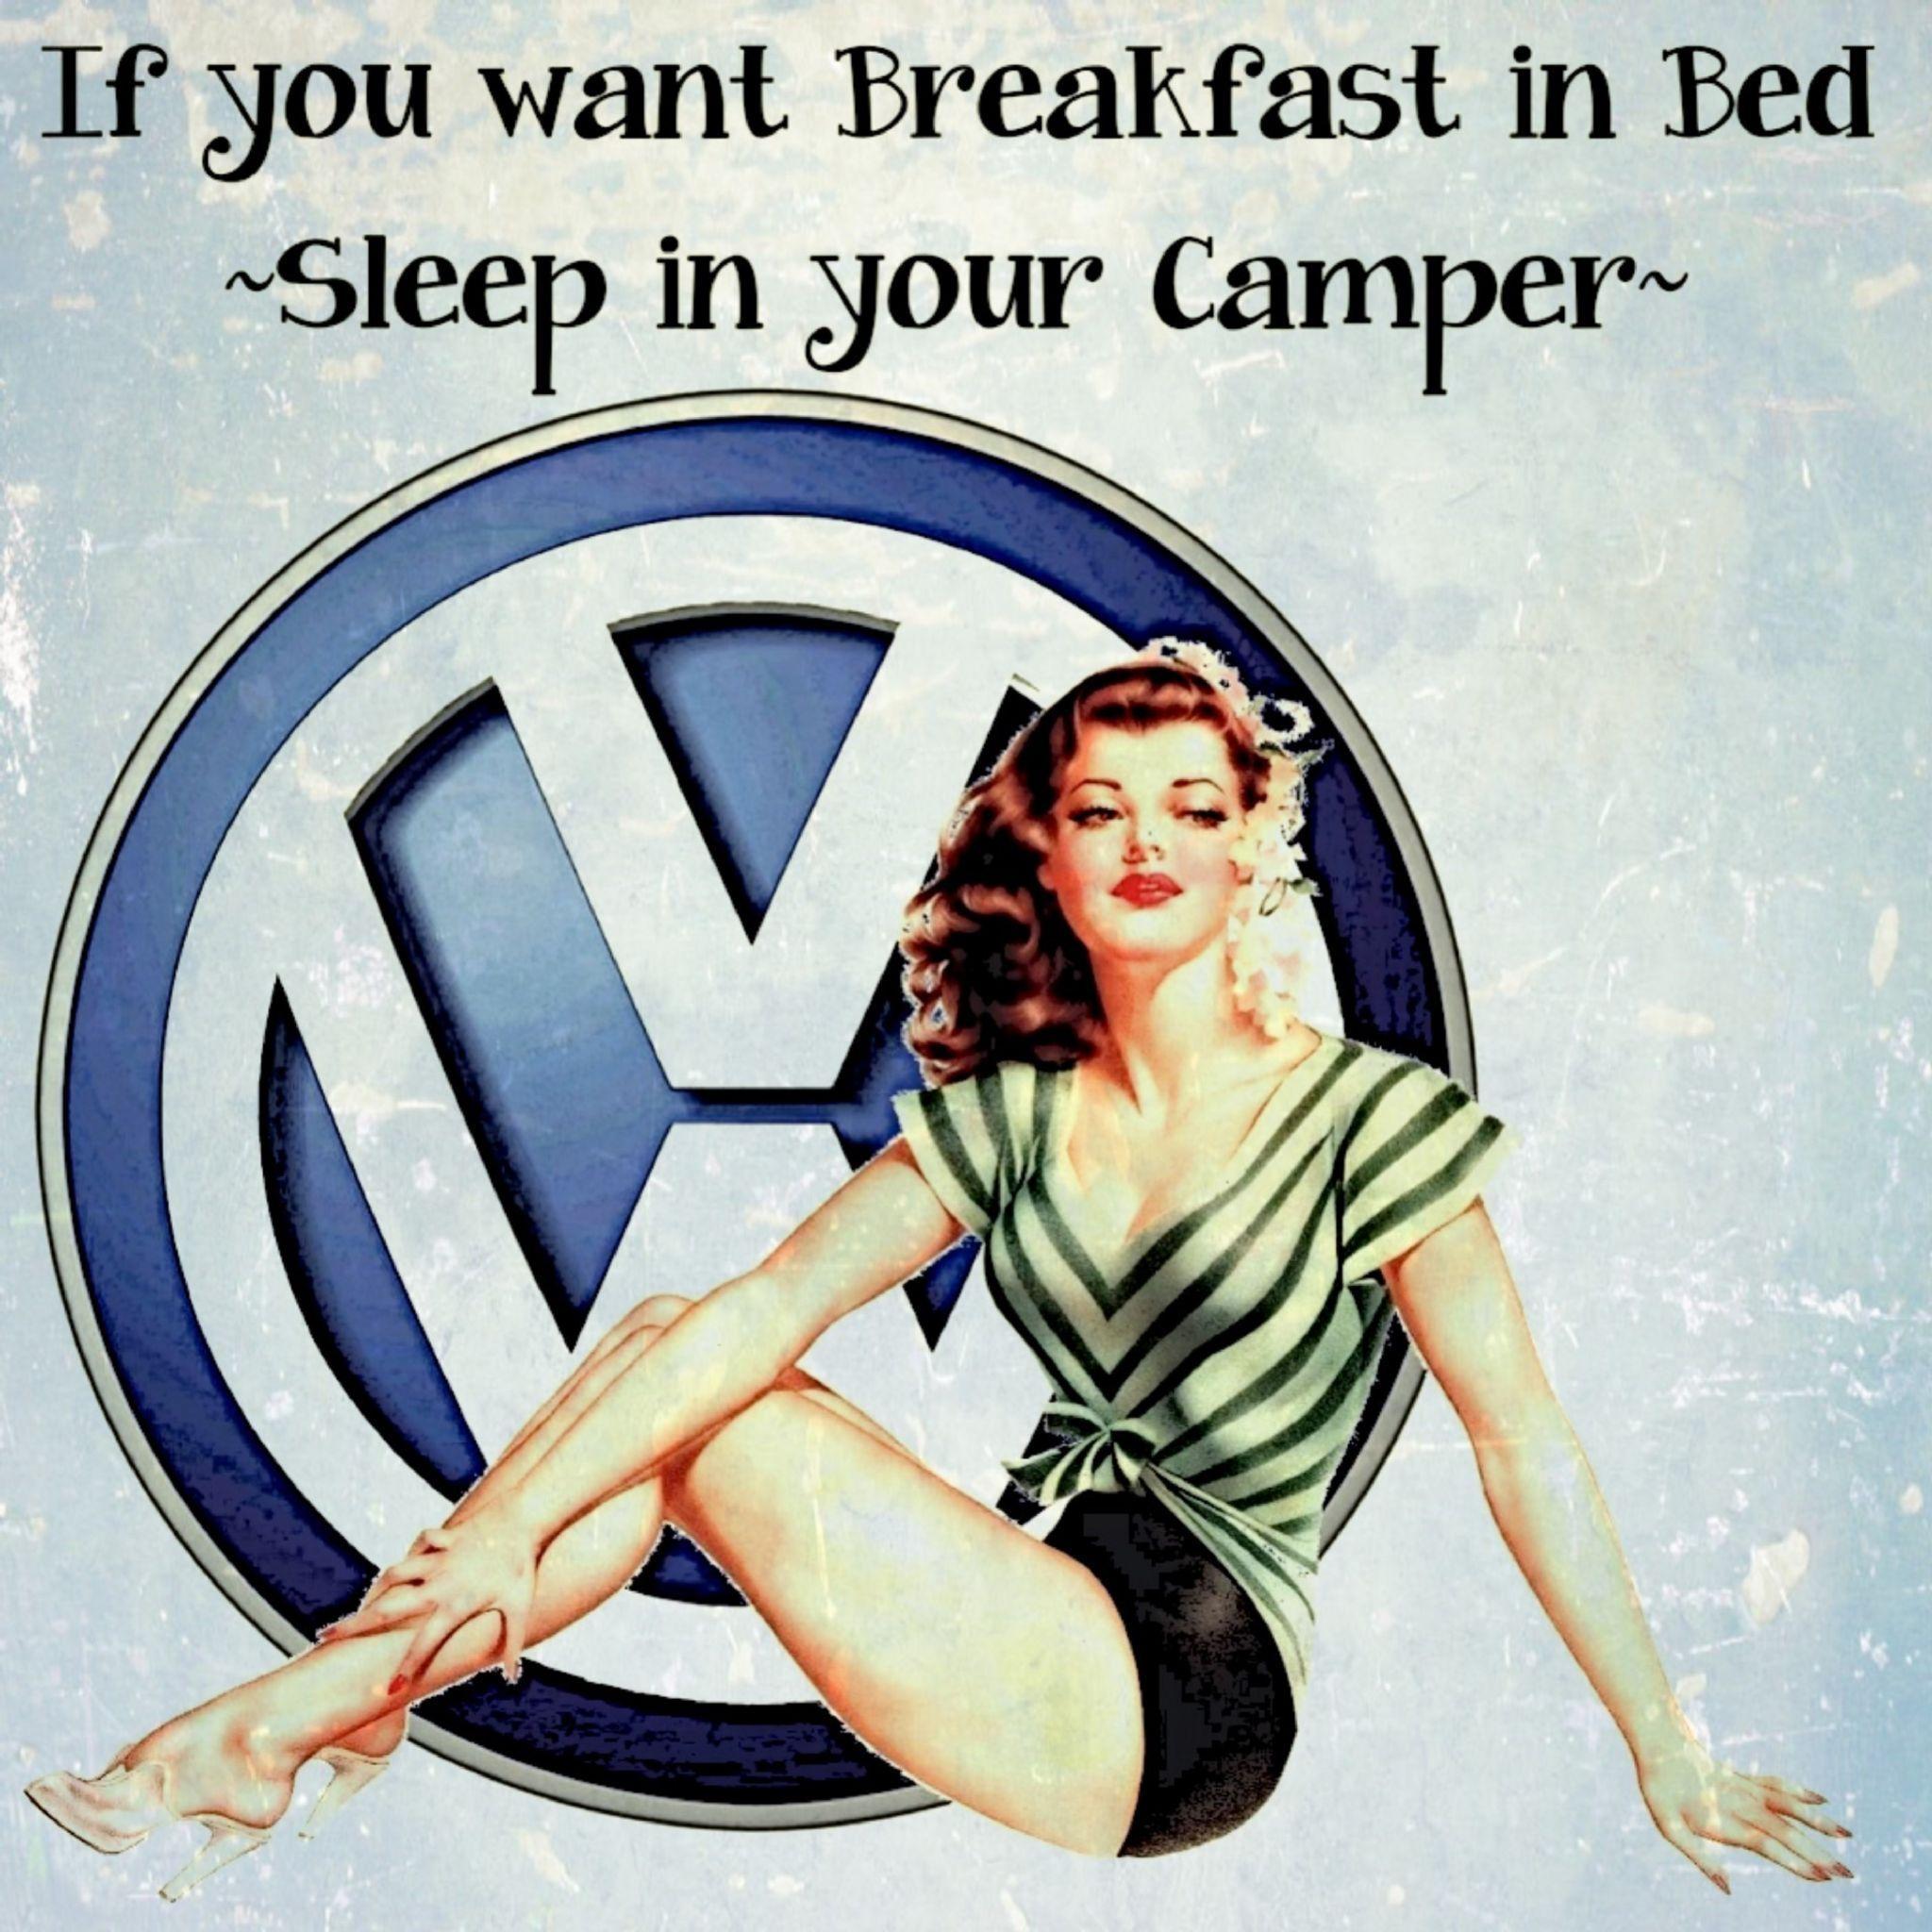 Breakfast In Bed Volkswagen Camper Inspirational Quote Vintage Inside Campervan Metal Wall Art (View 12 of 20)